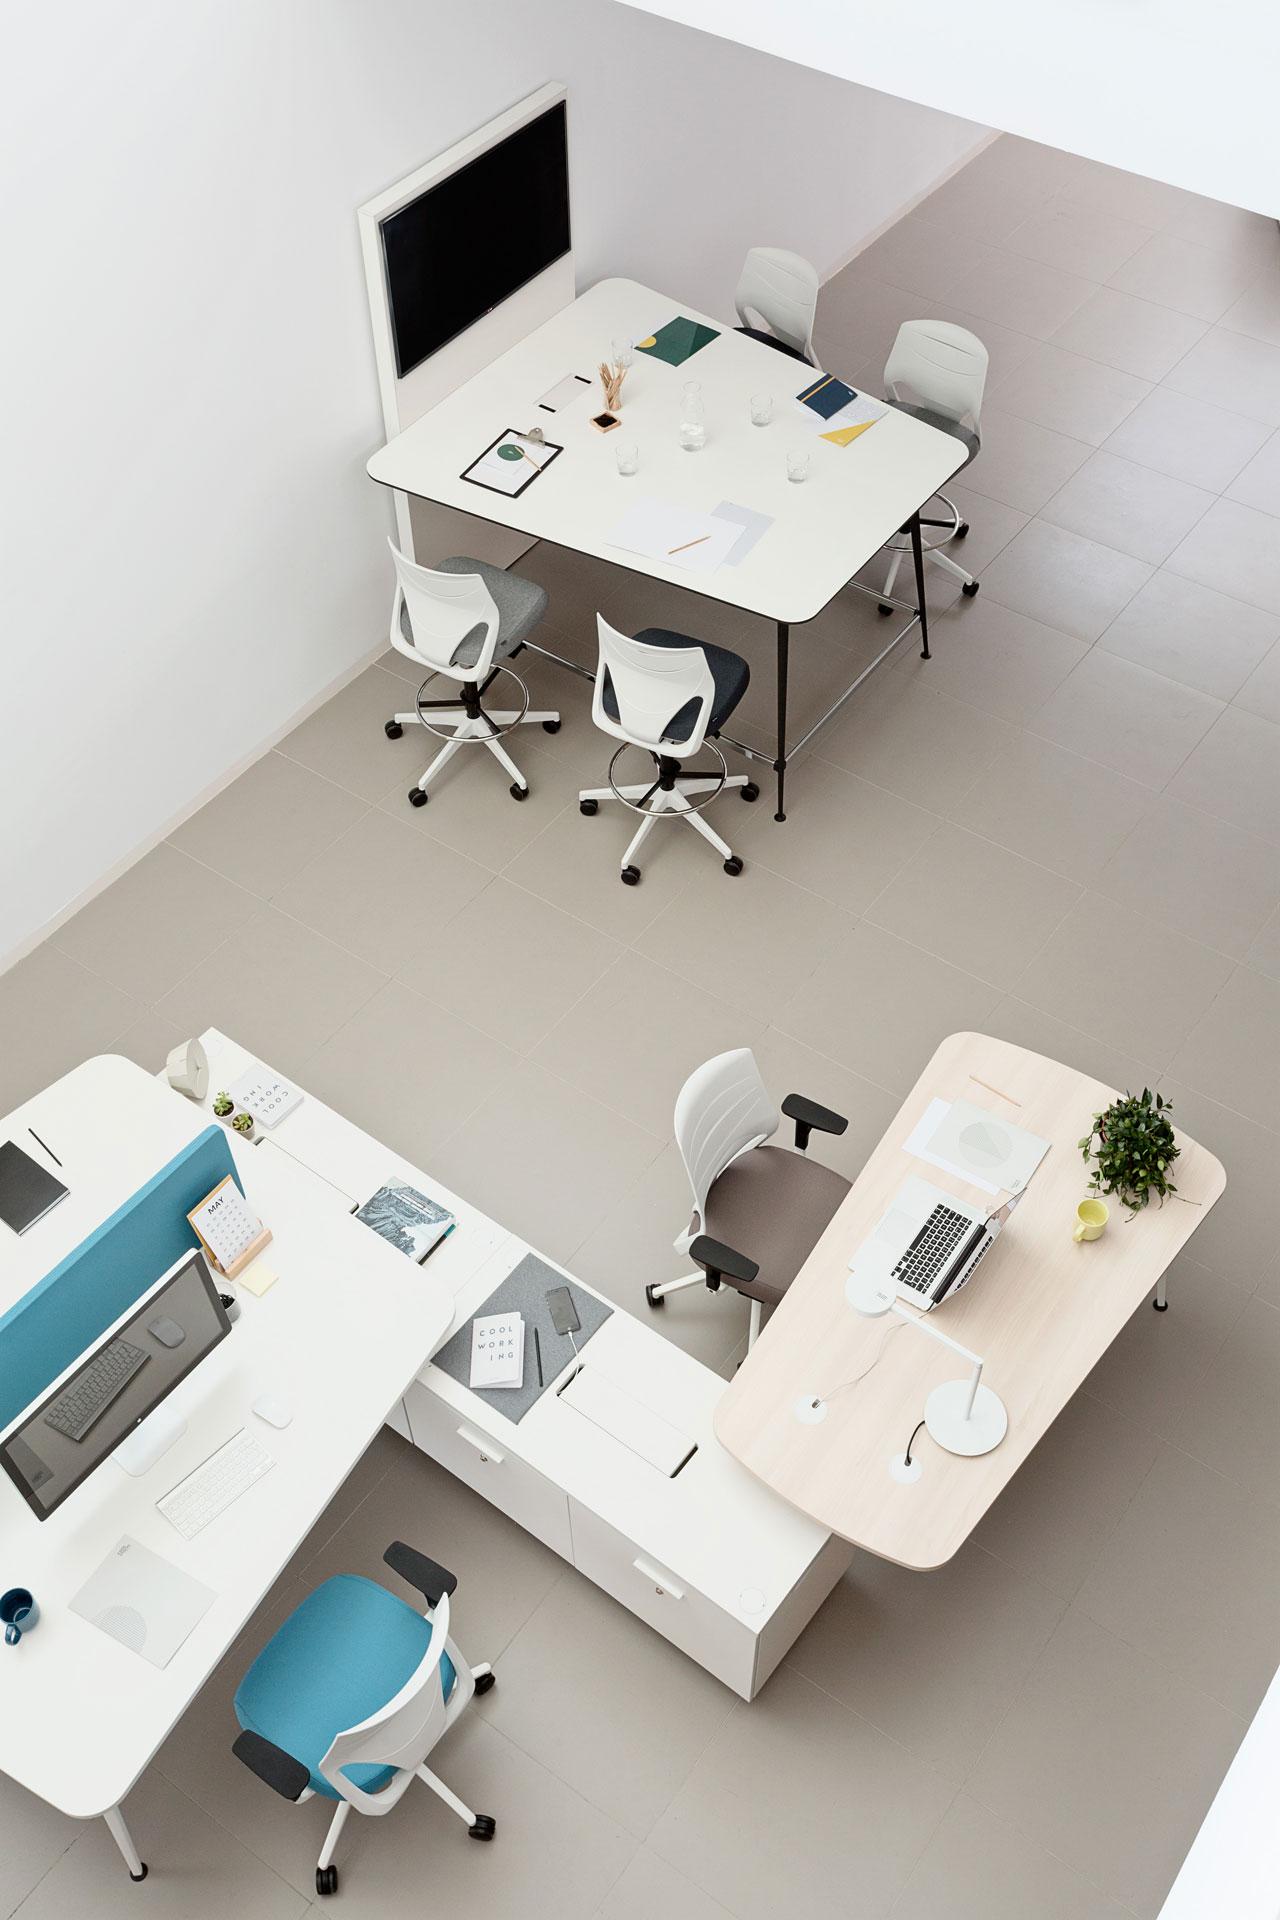 sillas-oficina-efit-gallery-8